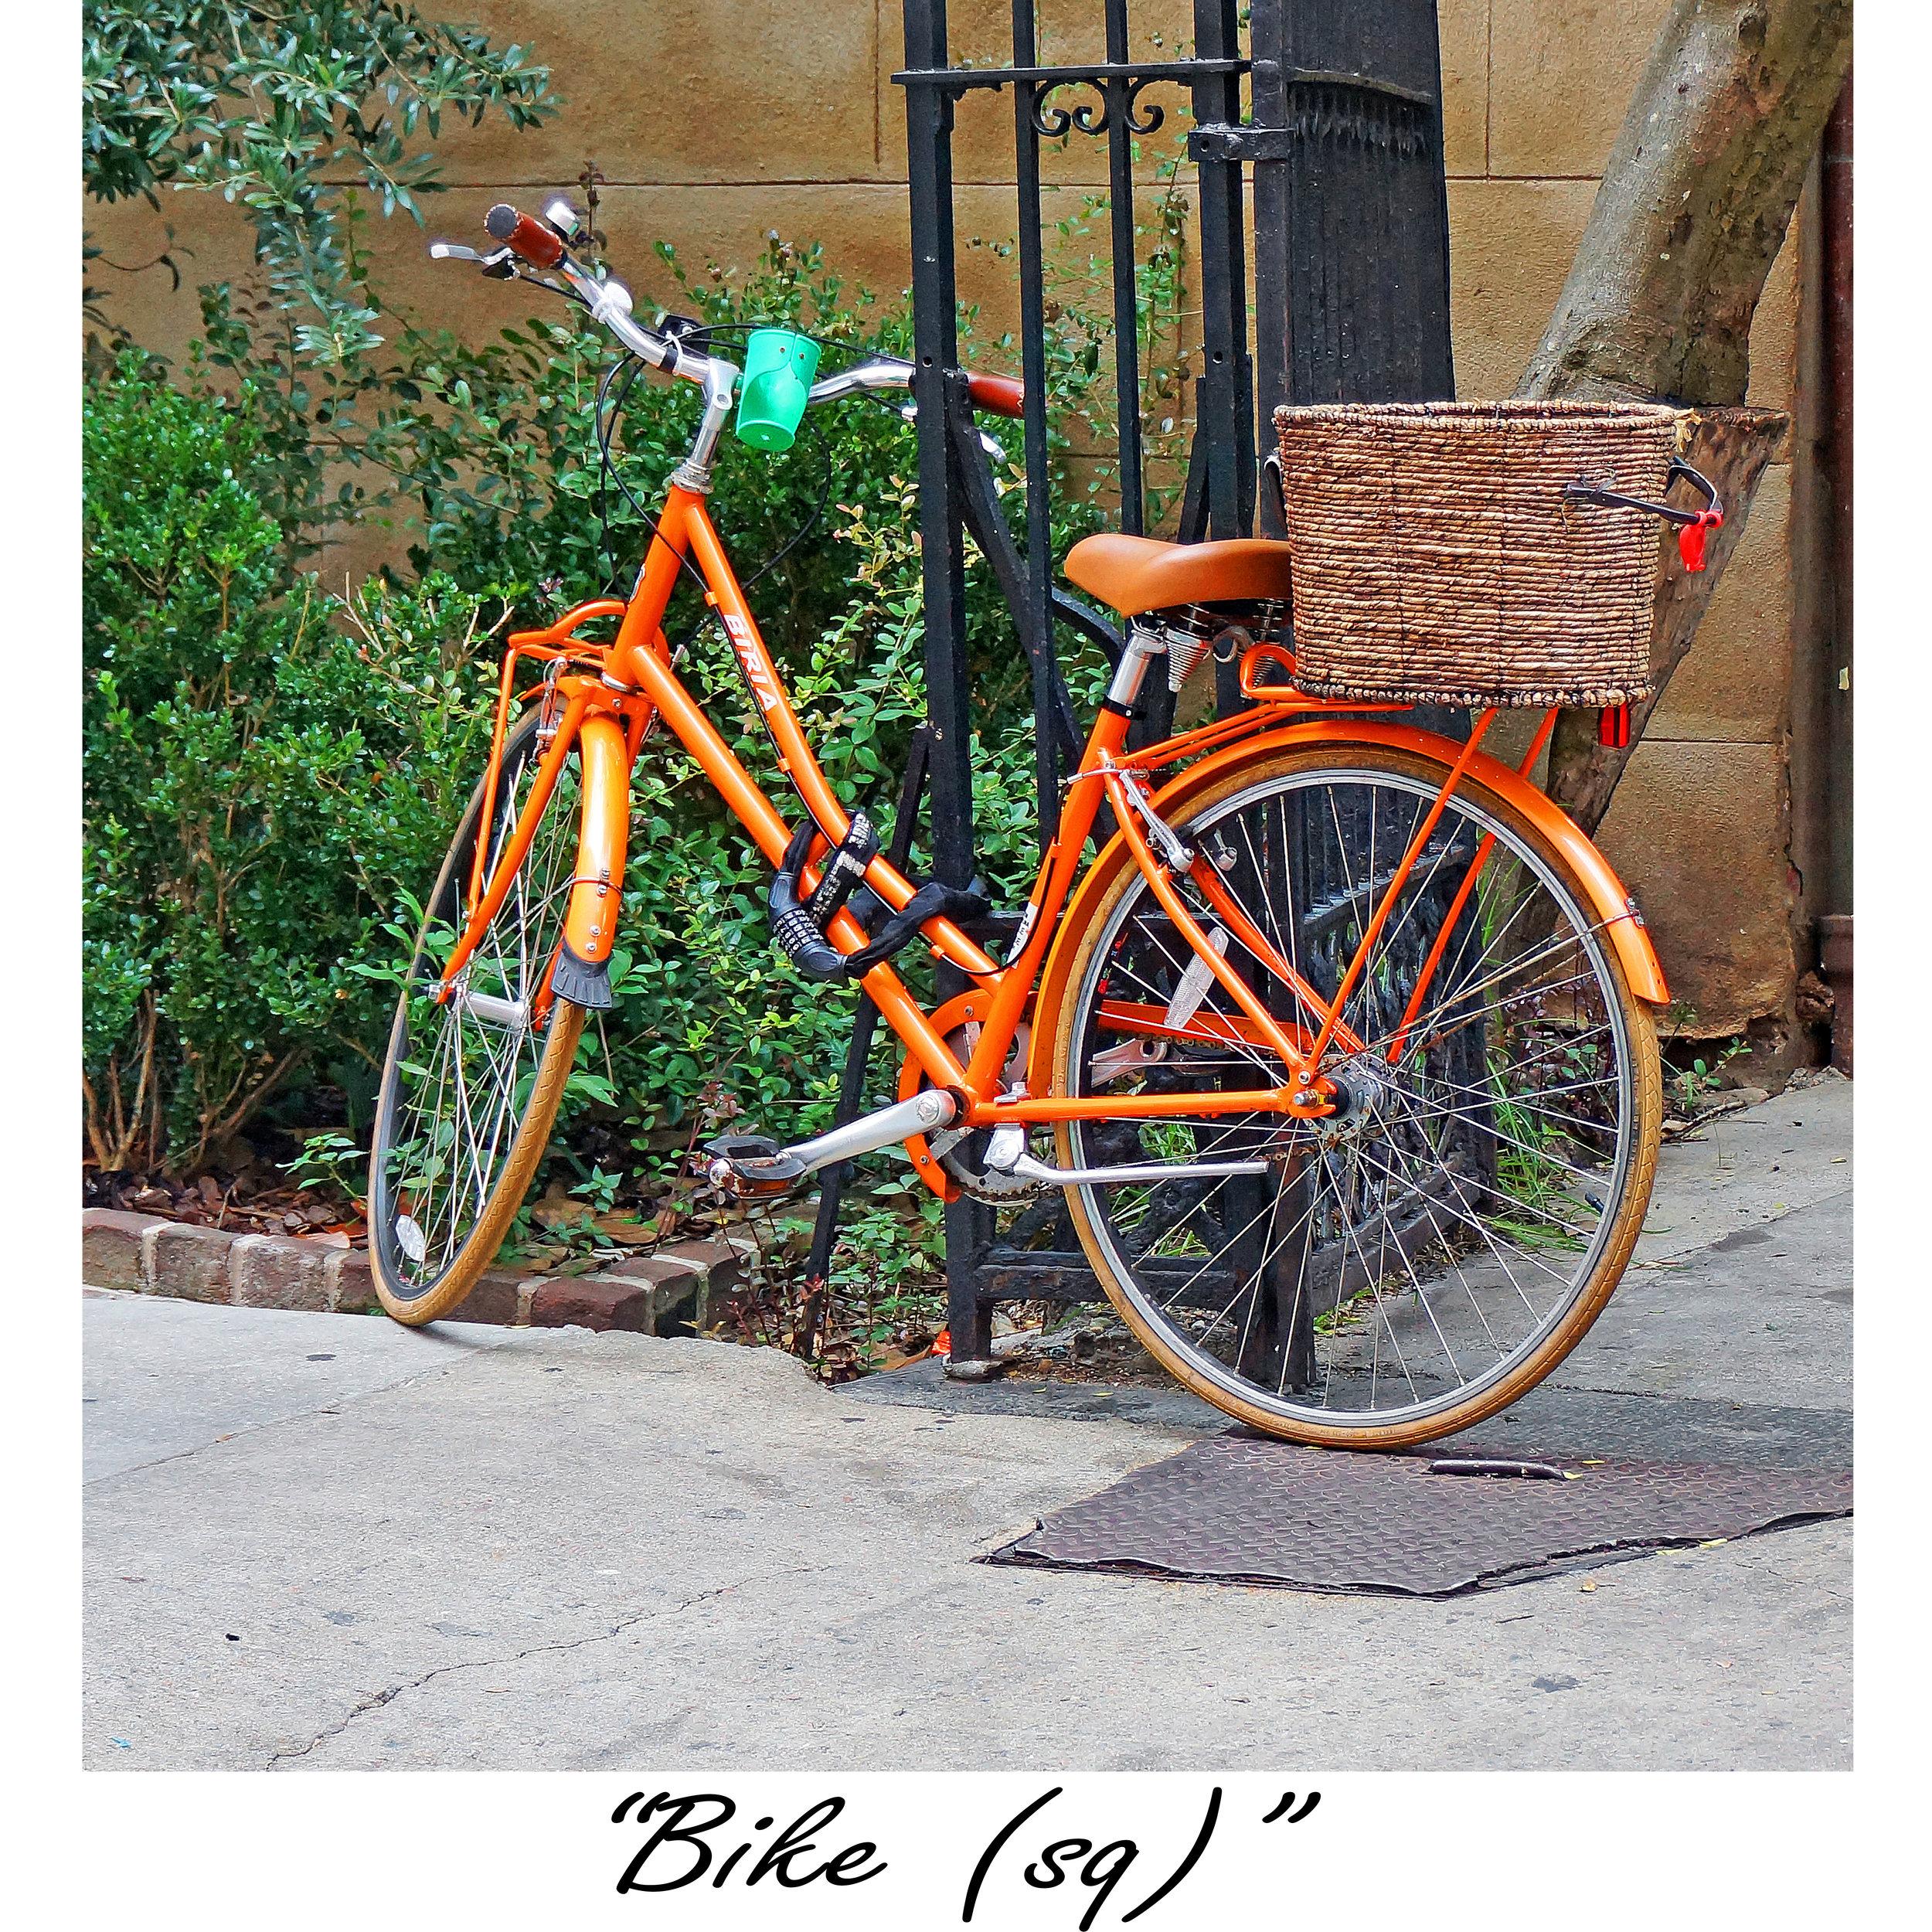 Bike (sq).jpg